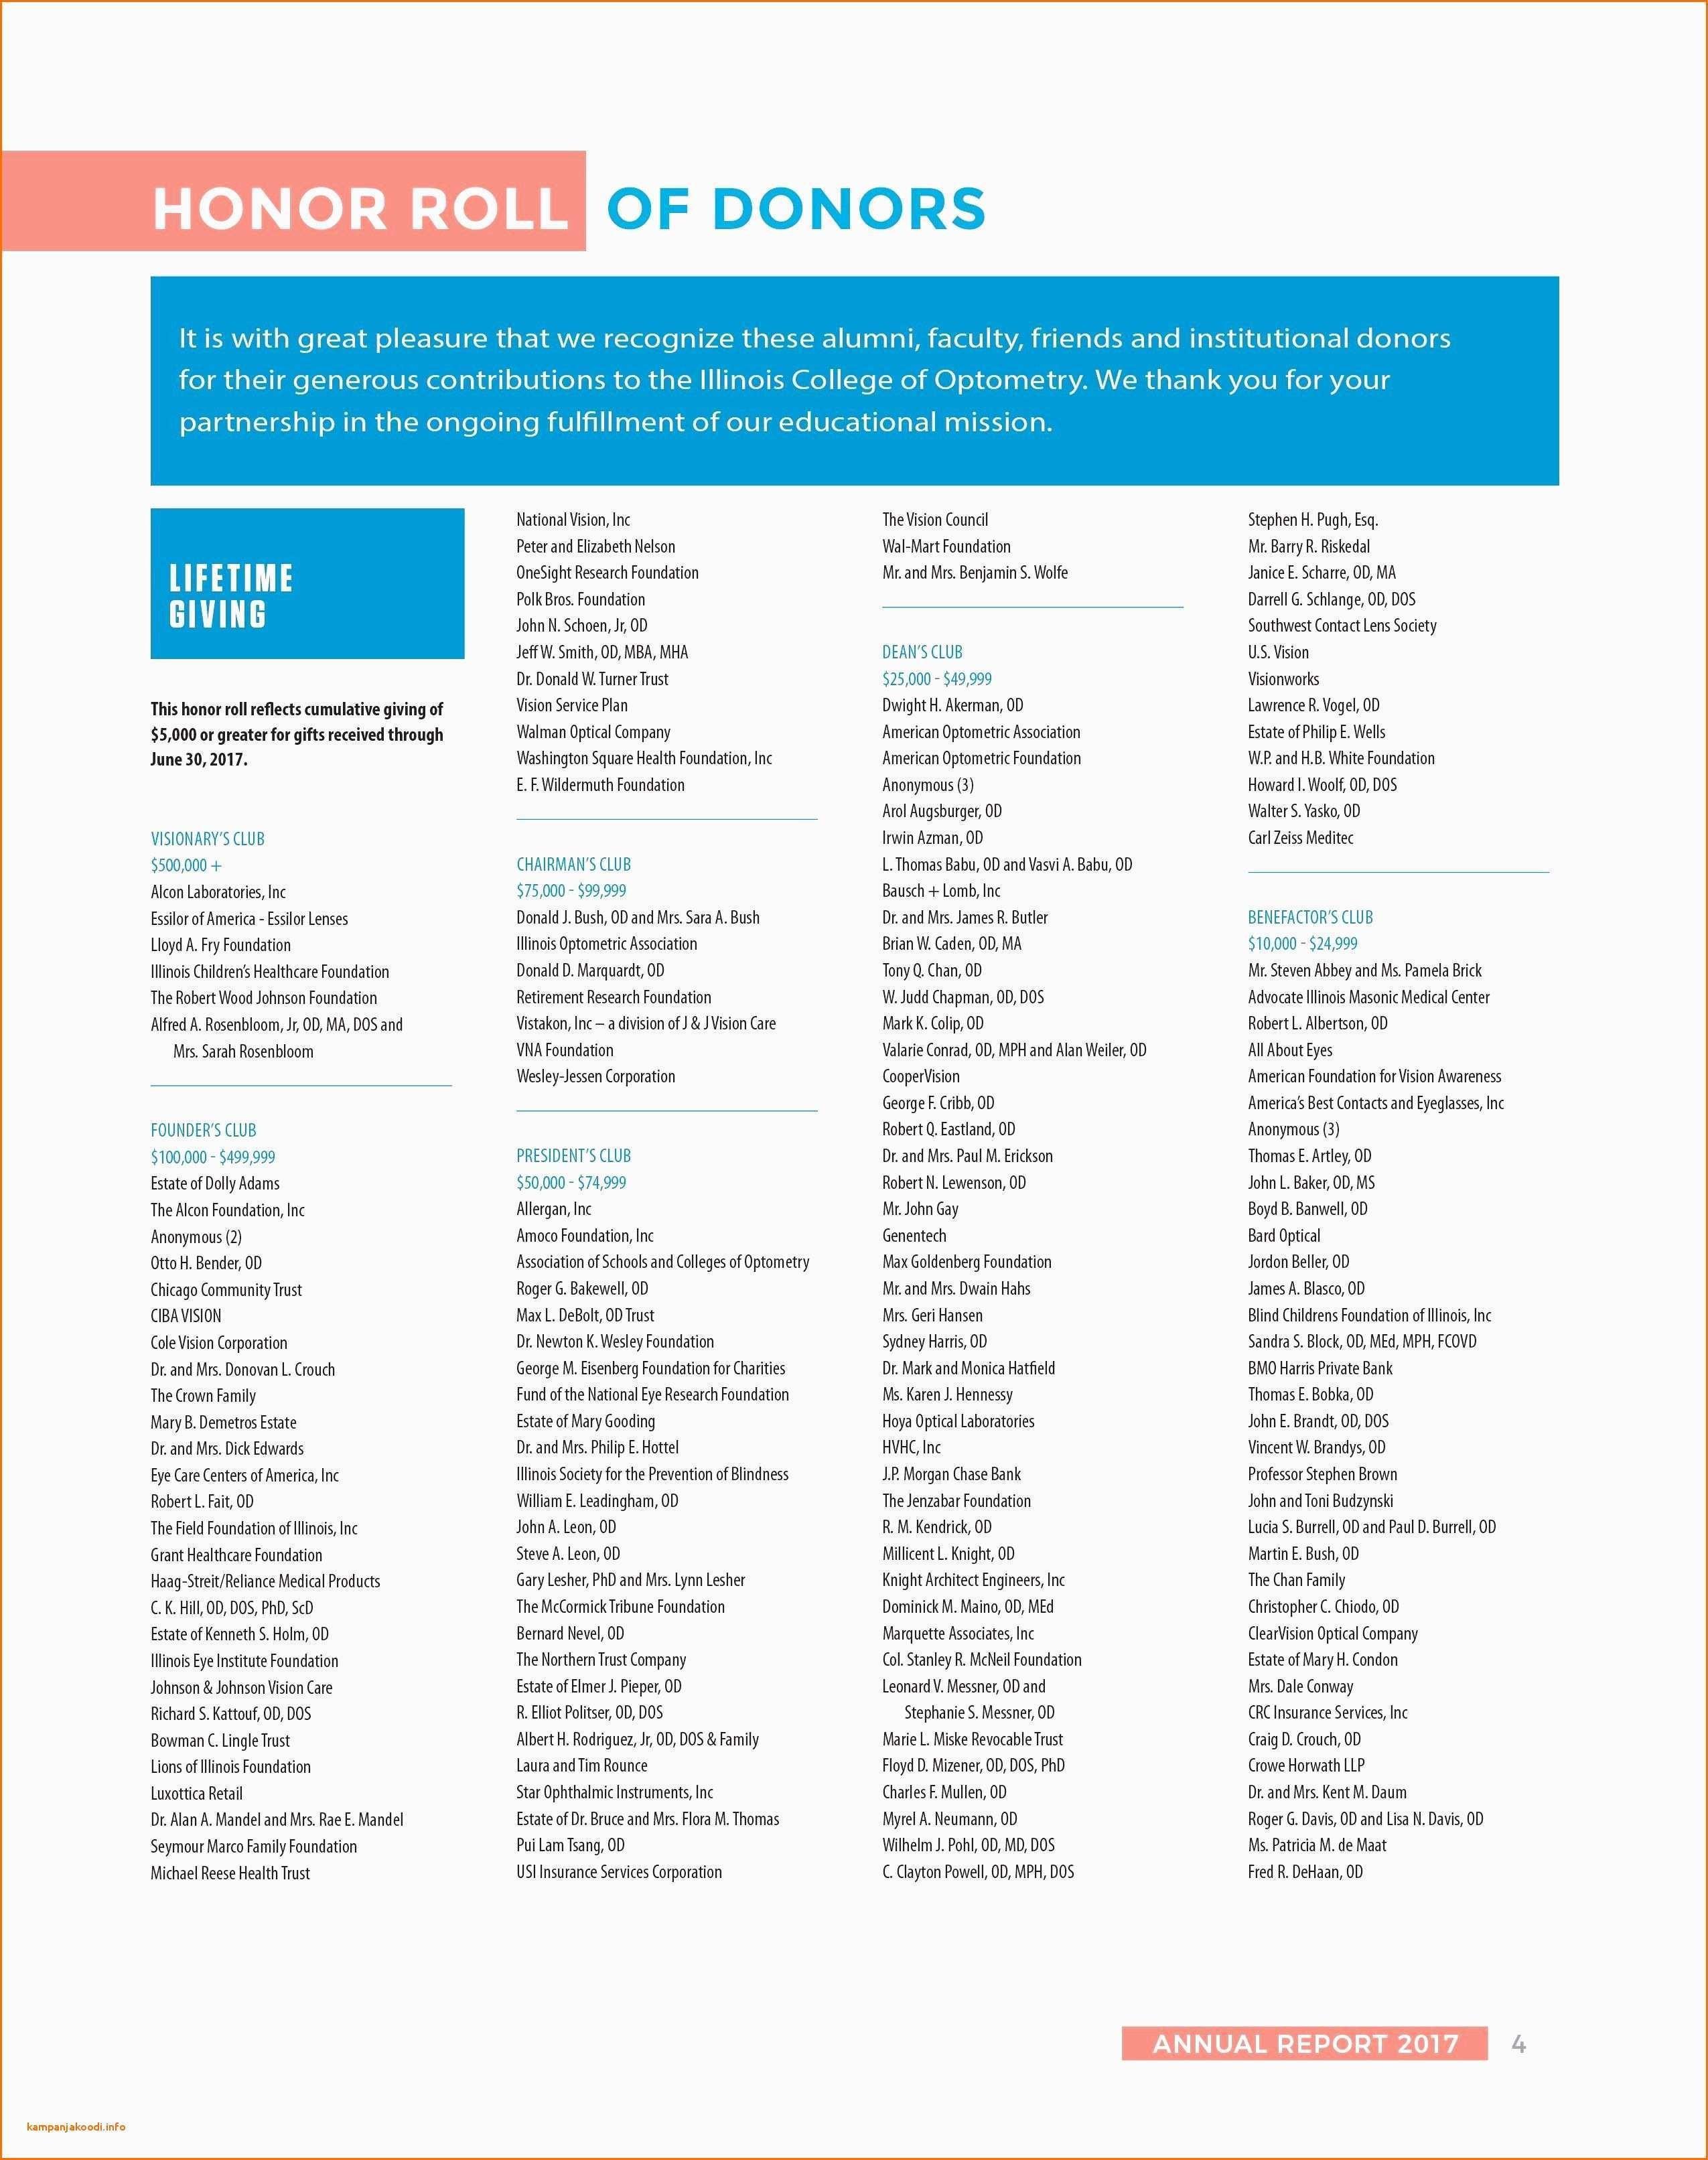 Hr Manual Template | Manual Handling Certificates Template Beautiful Hr Manual Template